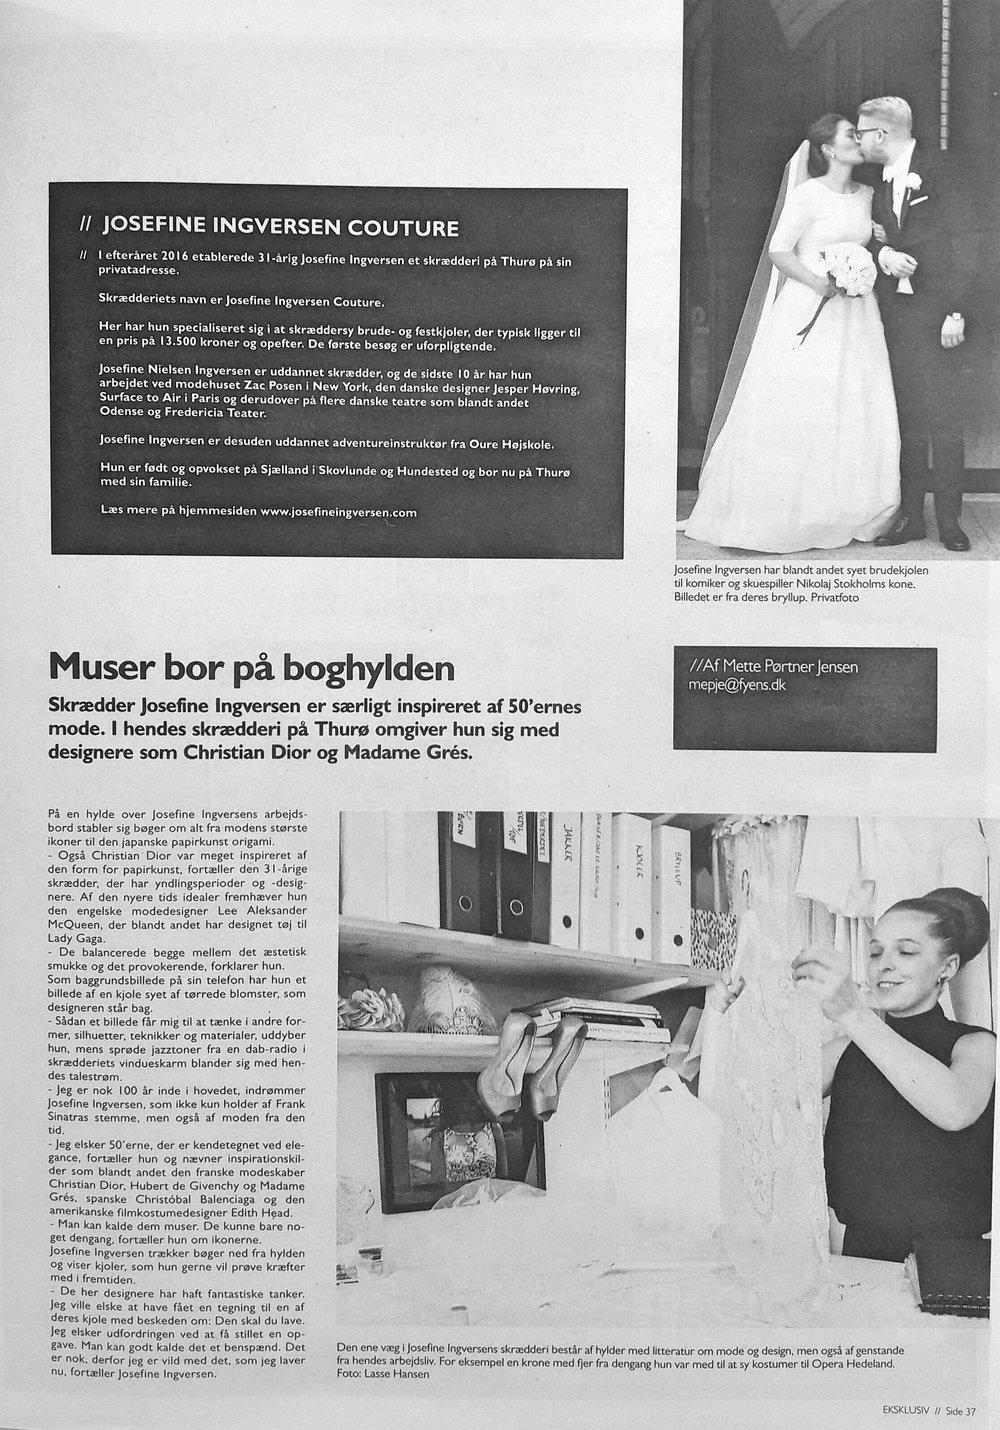 Eksklusiv // Muser bor på boghylden // Fyens Stifttidende & Fyens Amts Avis // 25. marts 2017   *Uddybning: Huset Christian Dior var inspireret af den japanske kunstform origami i Haute Couture kollektion 2007 under John Galliano